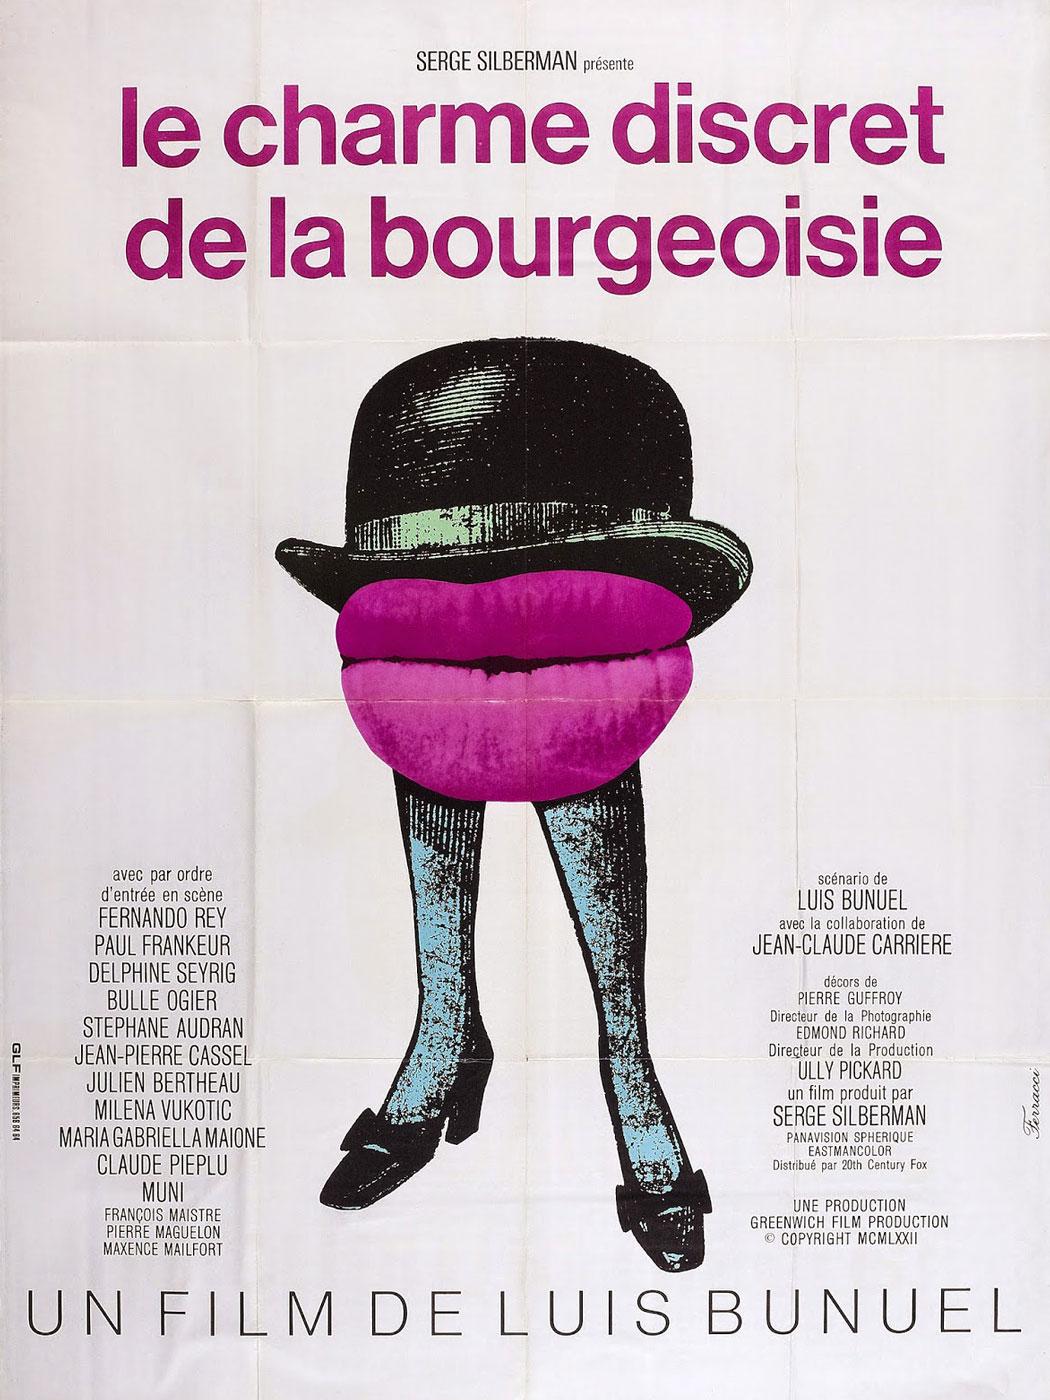 Le Charme discret de la bourgeoisie - Luis Buñuel (1972)